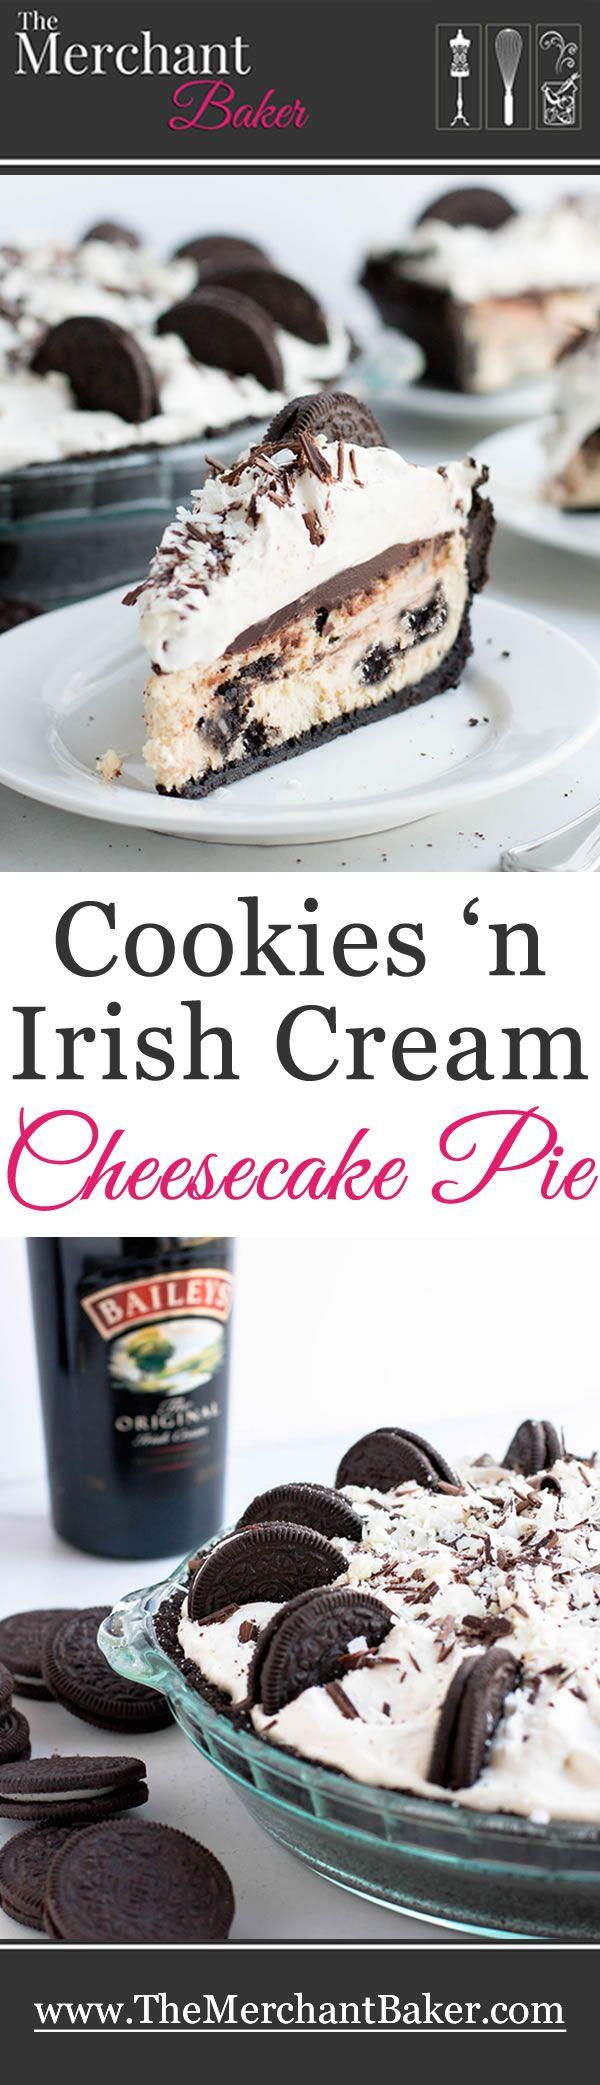 Cookies 'n Irish Cream Cheesecake Pie. There's Irish cream in the cheesecake, the ganache and the whipped cream. Cookies 'n cream just got more fun!